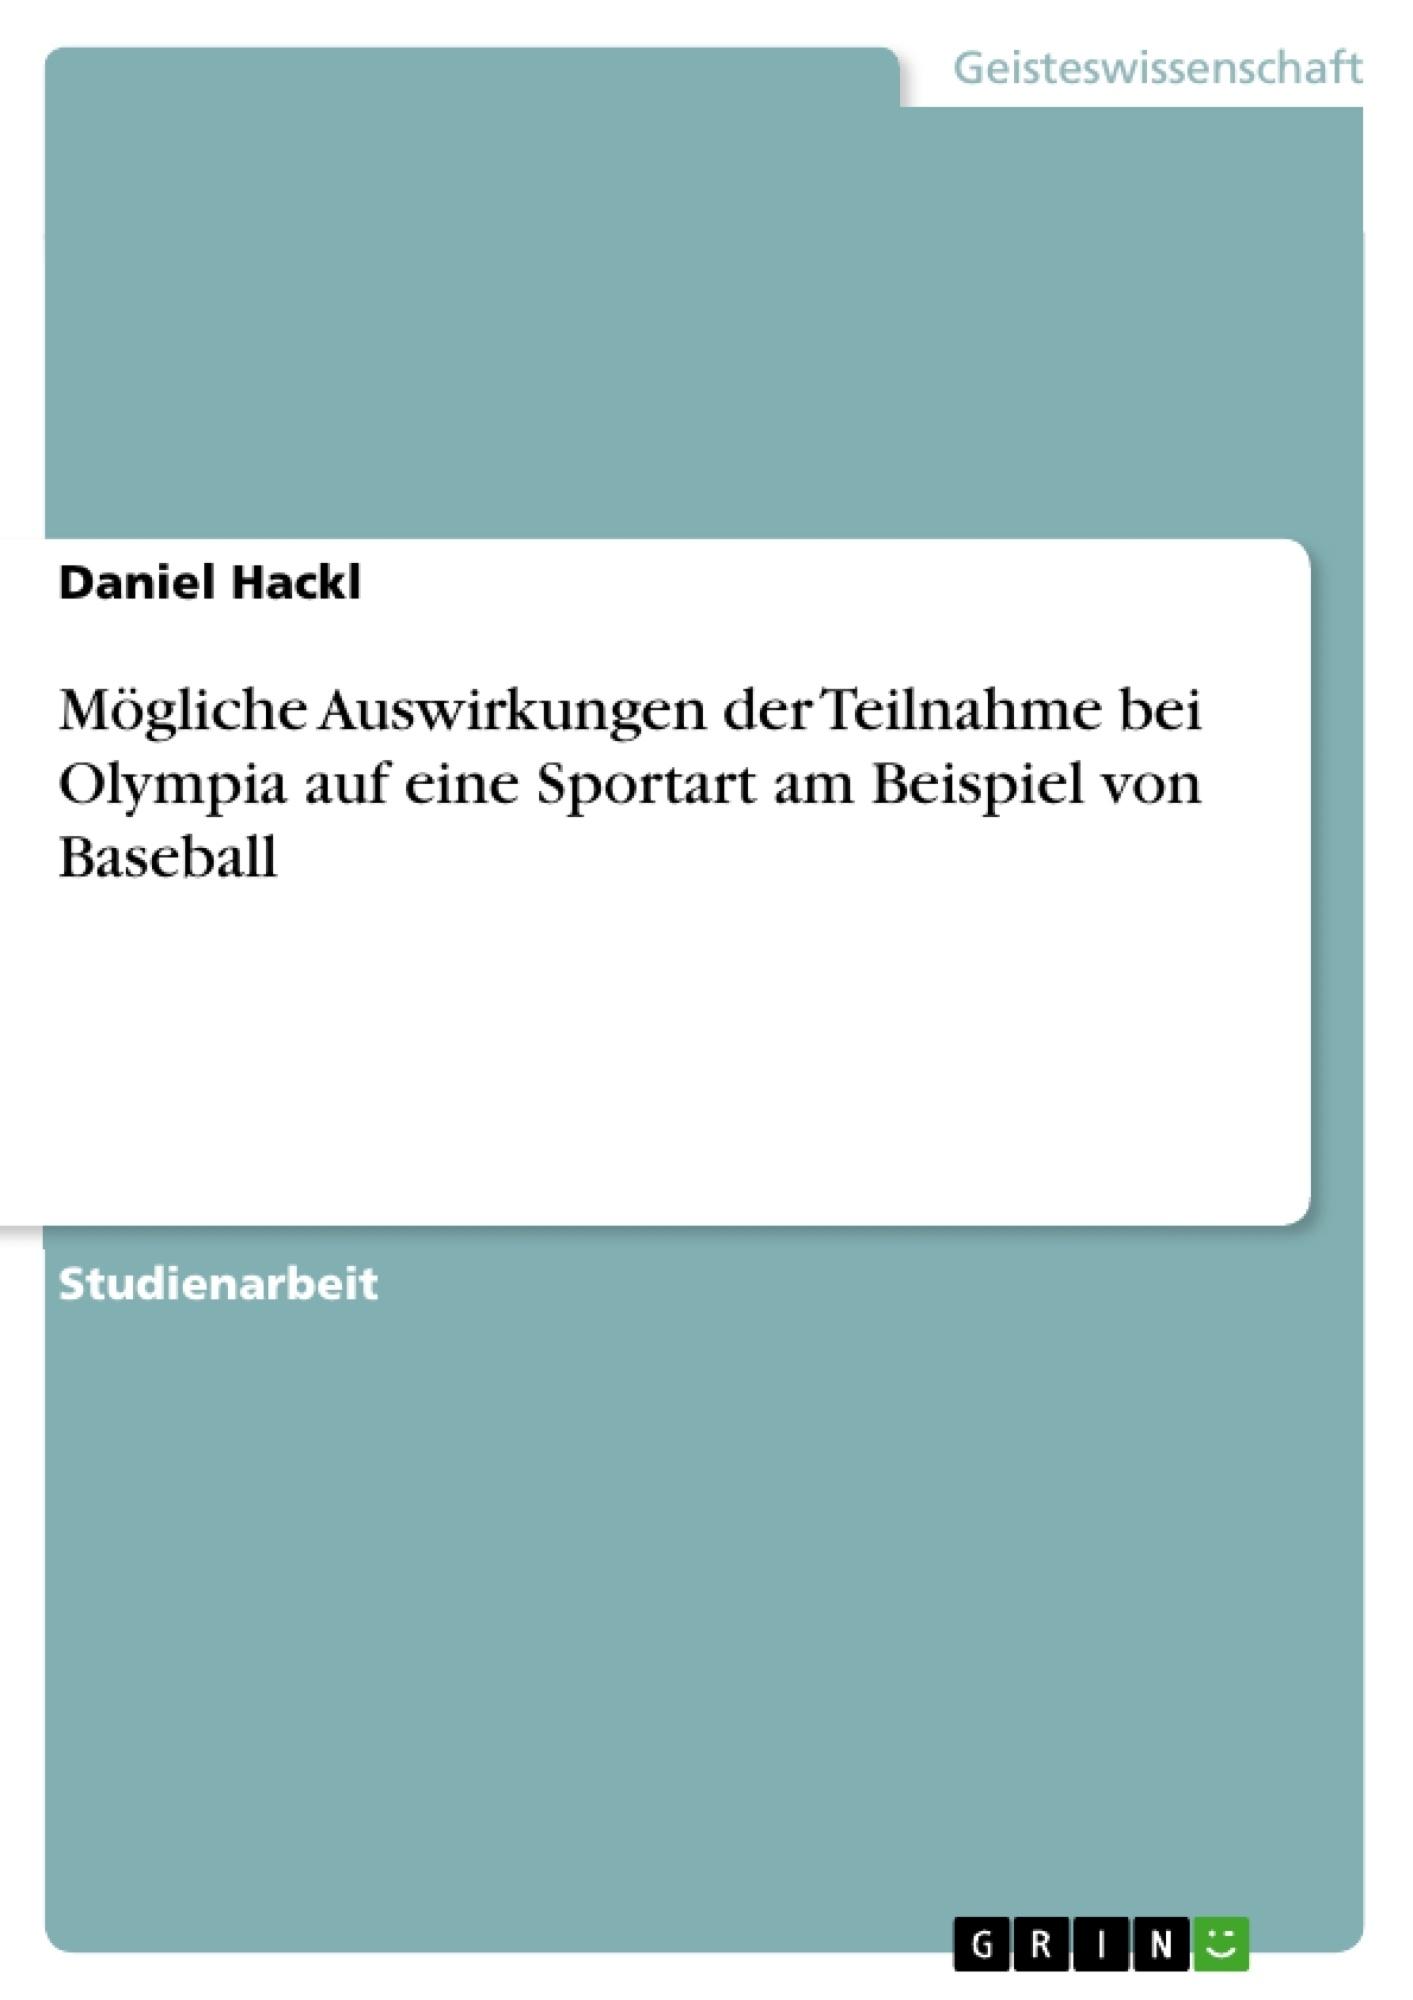 Titel: Mögliche Auswirkungen der Teilnahme bei Olympia auf eine Sportart am Beispiel von Baseball